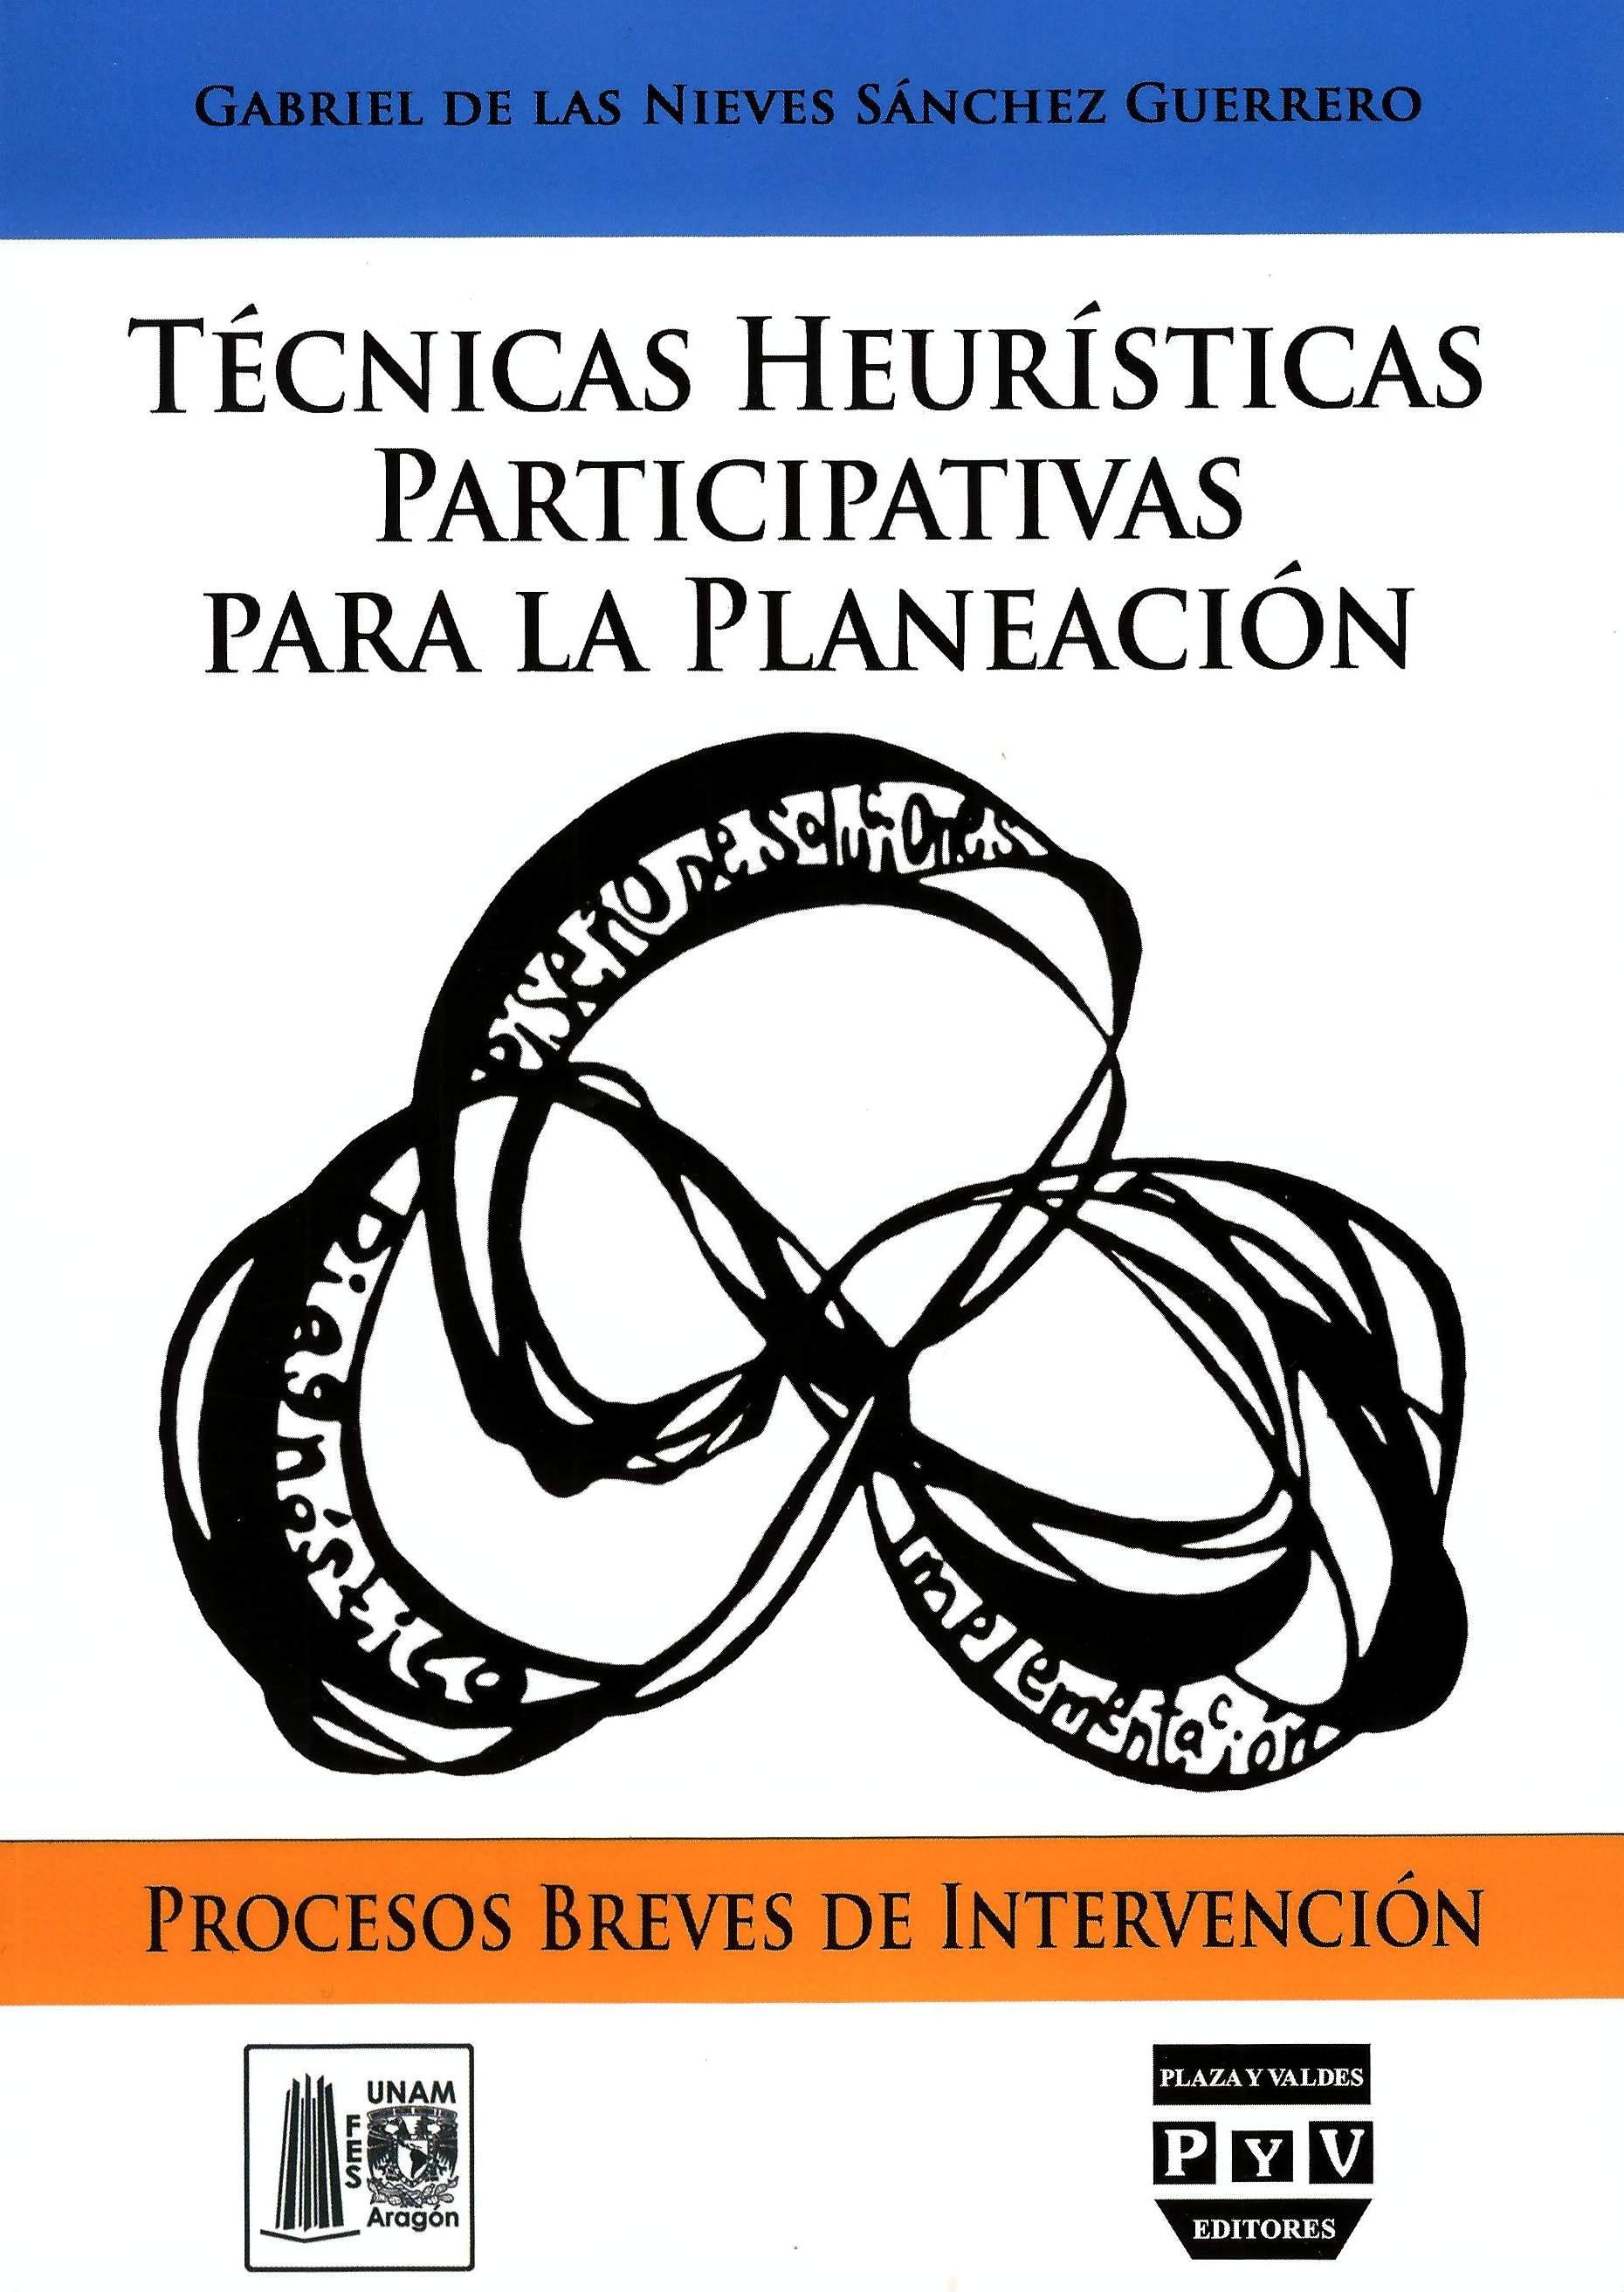 Técnicas heurísticas participativas para la planeación